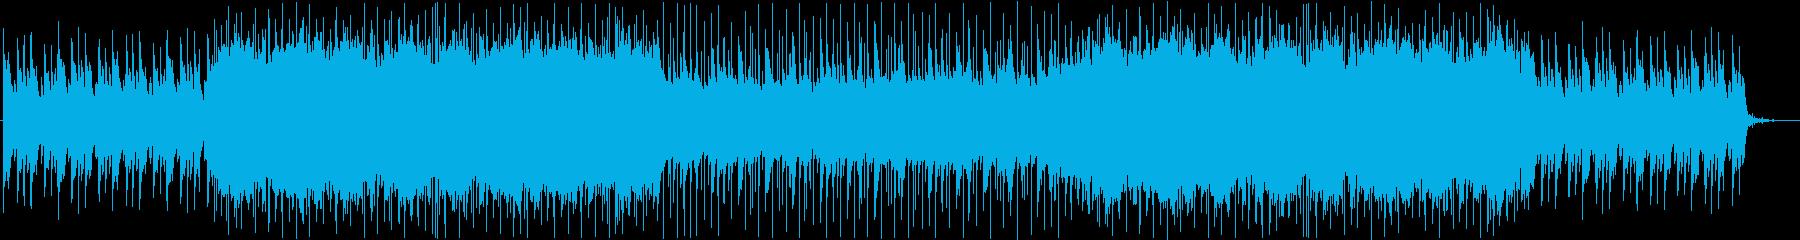 希望や未来、スタートを感じる曲の再生済みの波形